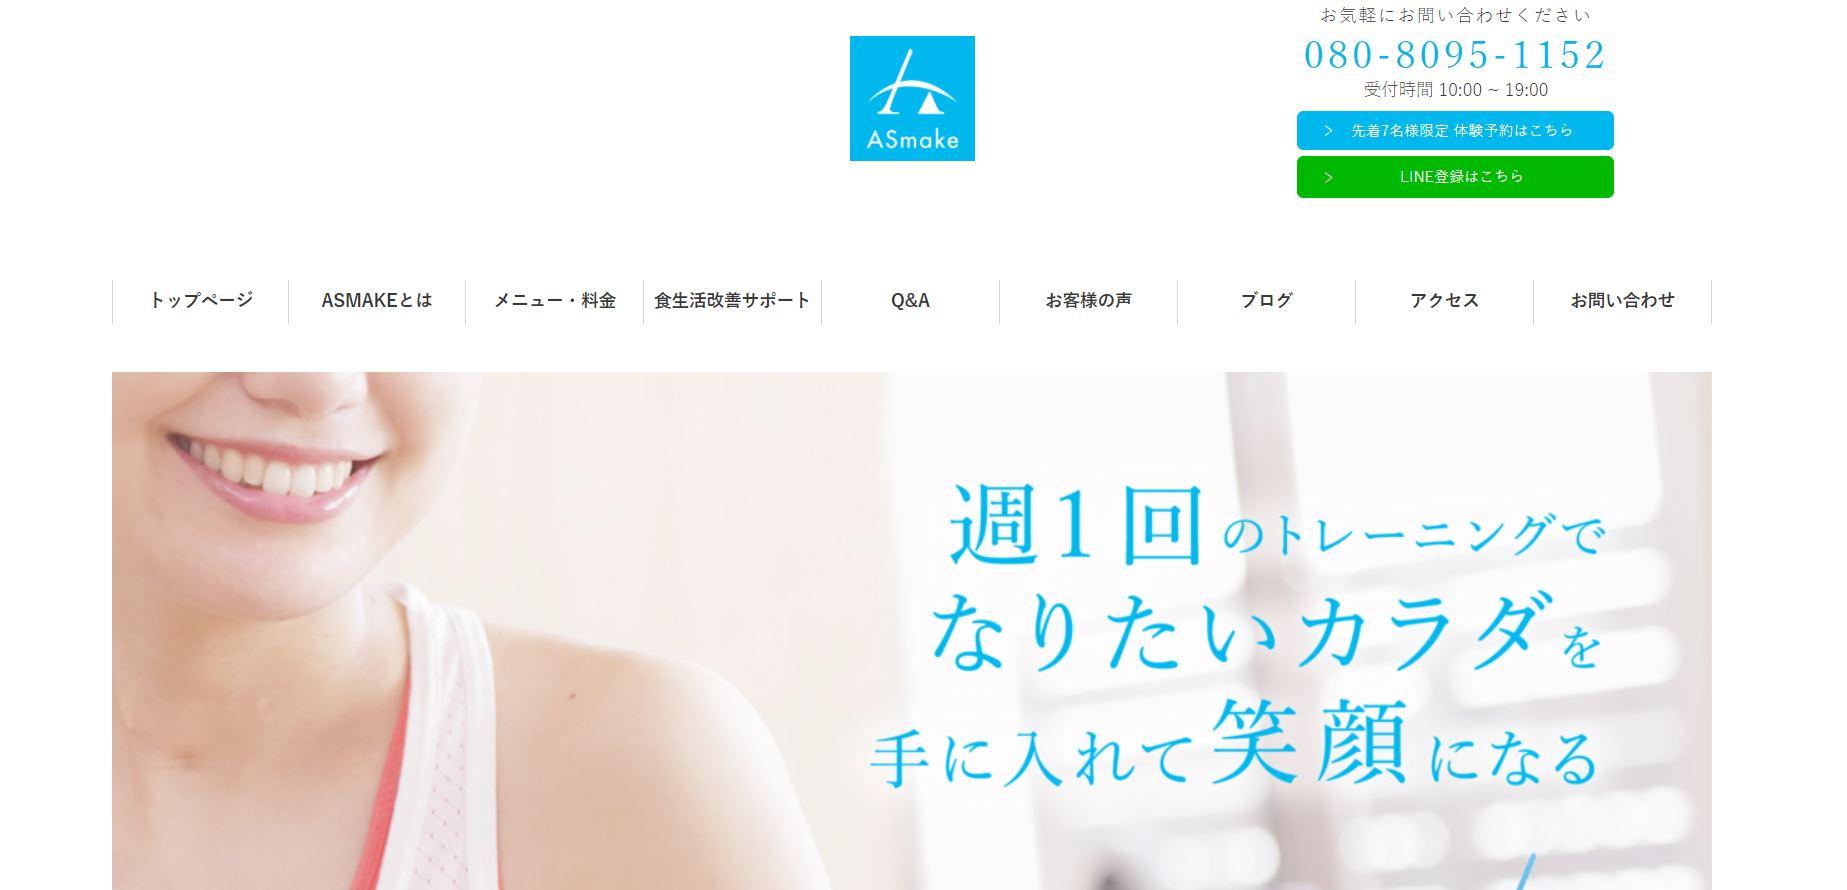 アスメイク 立川店